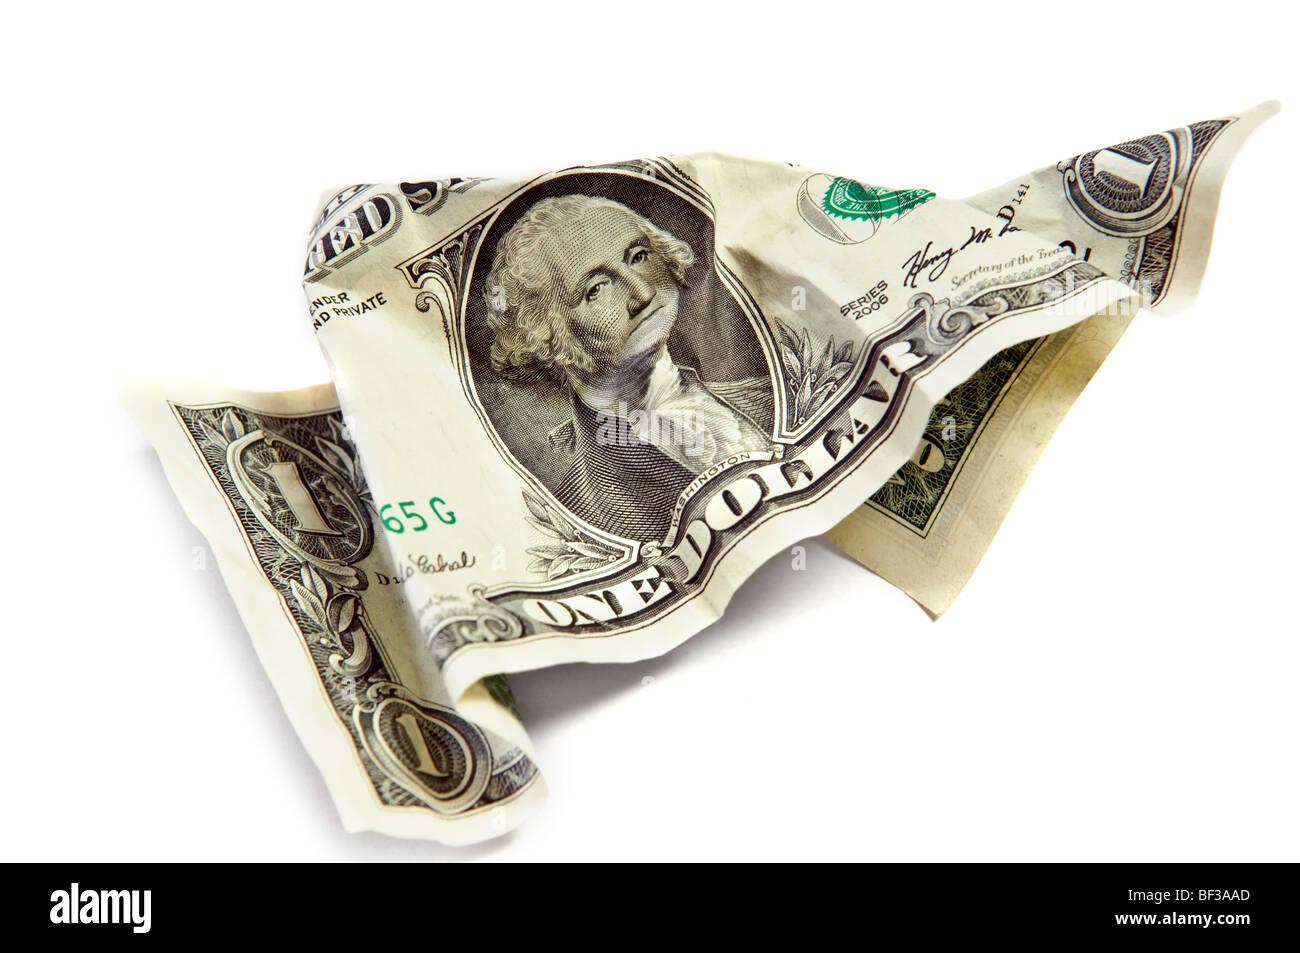 One wrinkled dollar isolated on white - Stock Image